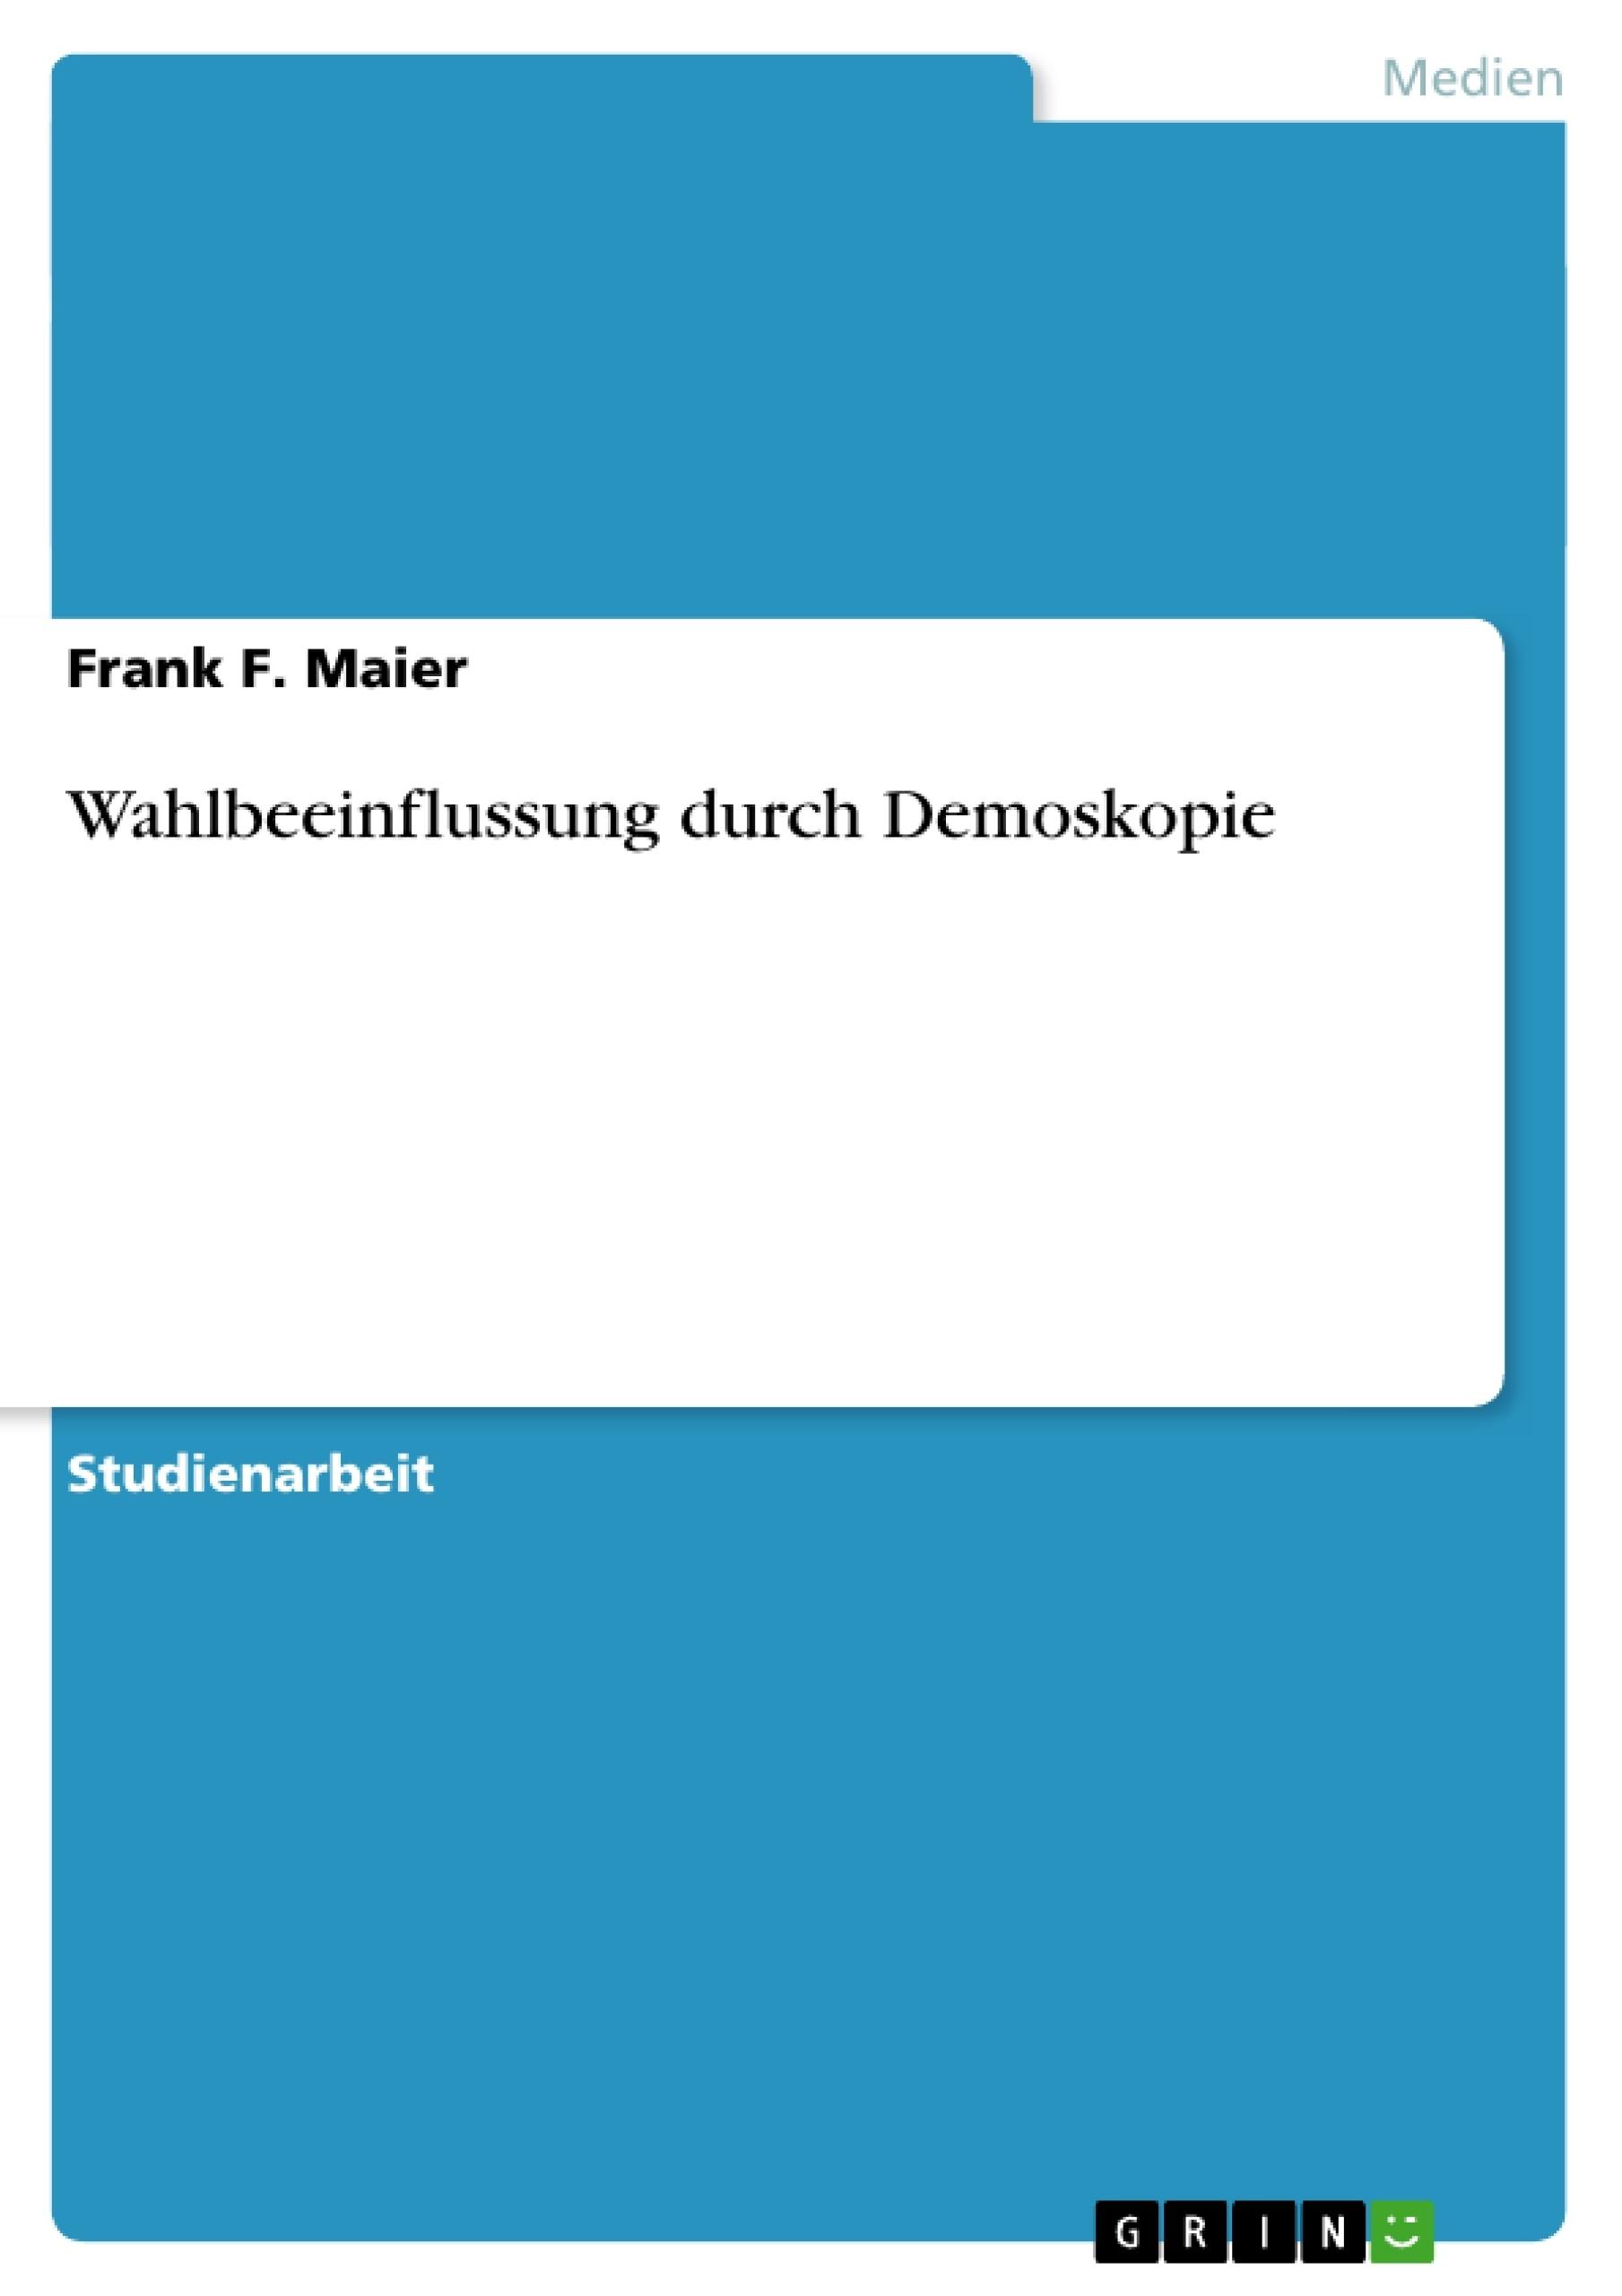 Titel: Wahlbeeinflussung durch Demoskopie